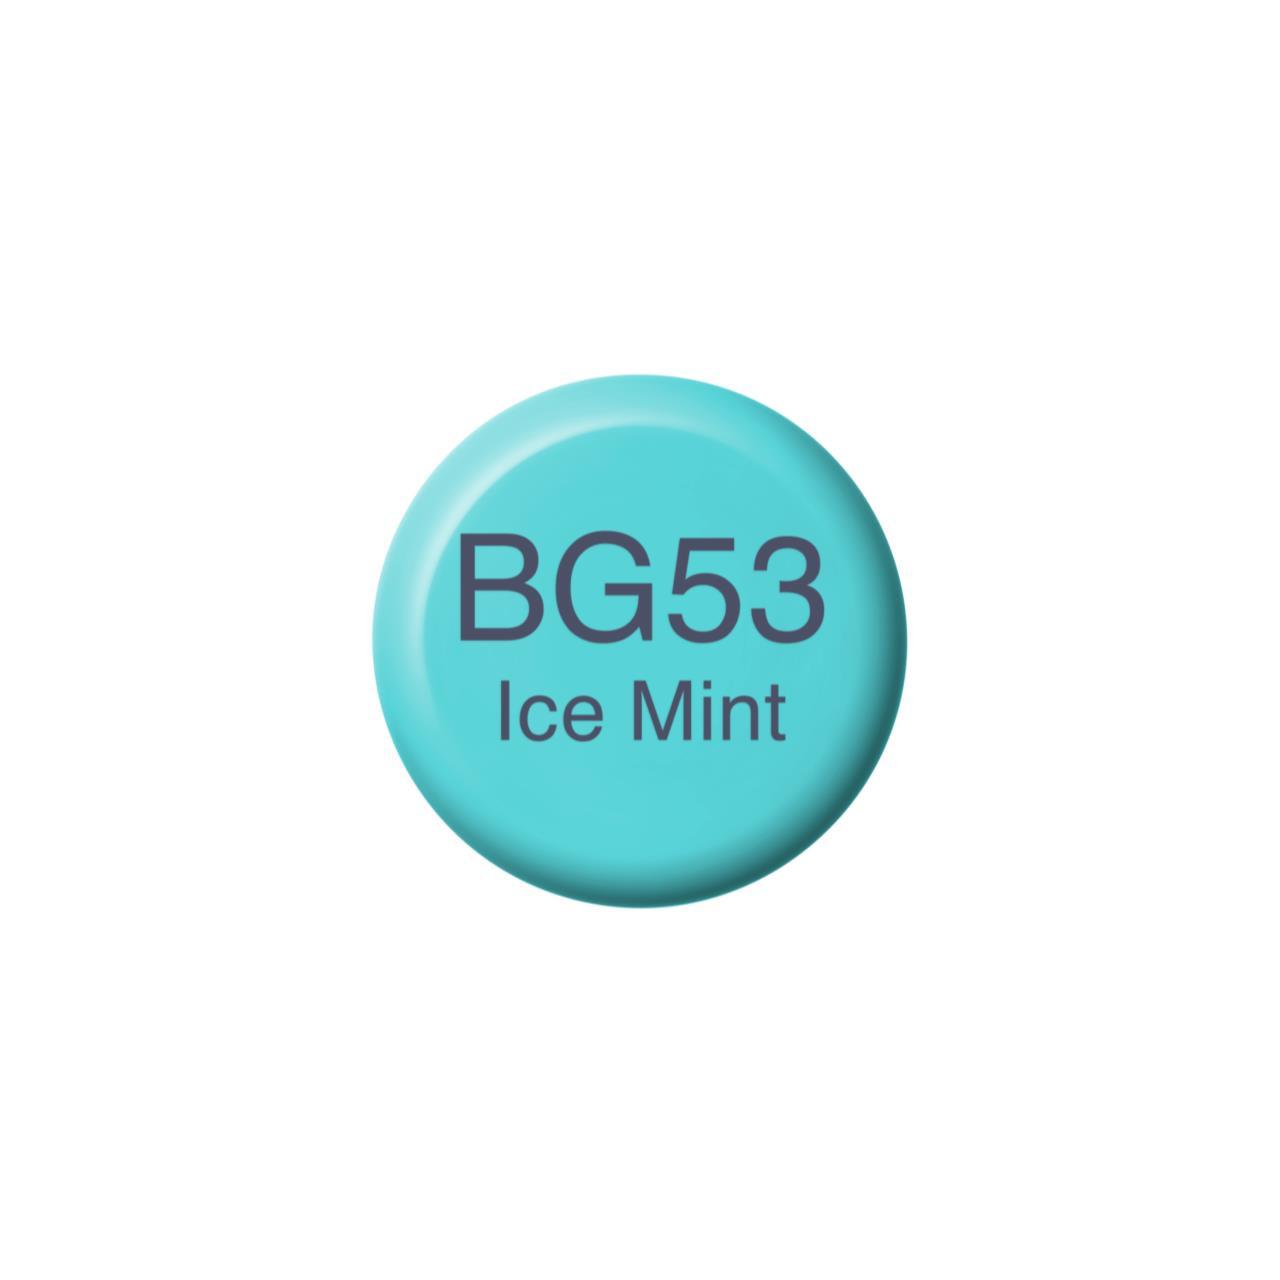 BG53 Ice Mint, Copic Ink - 4511338056325